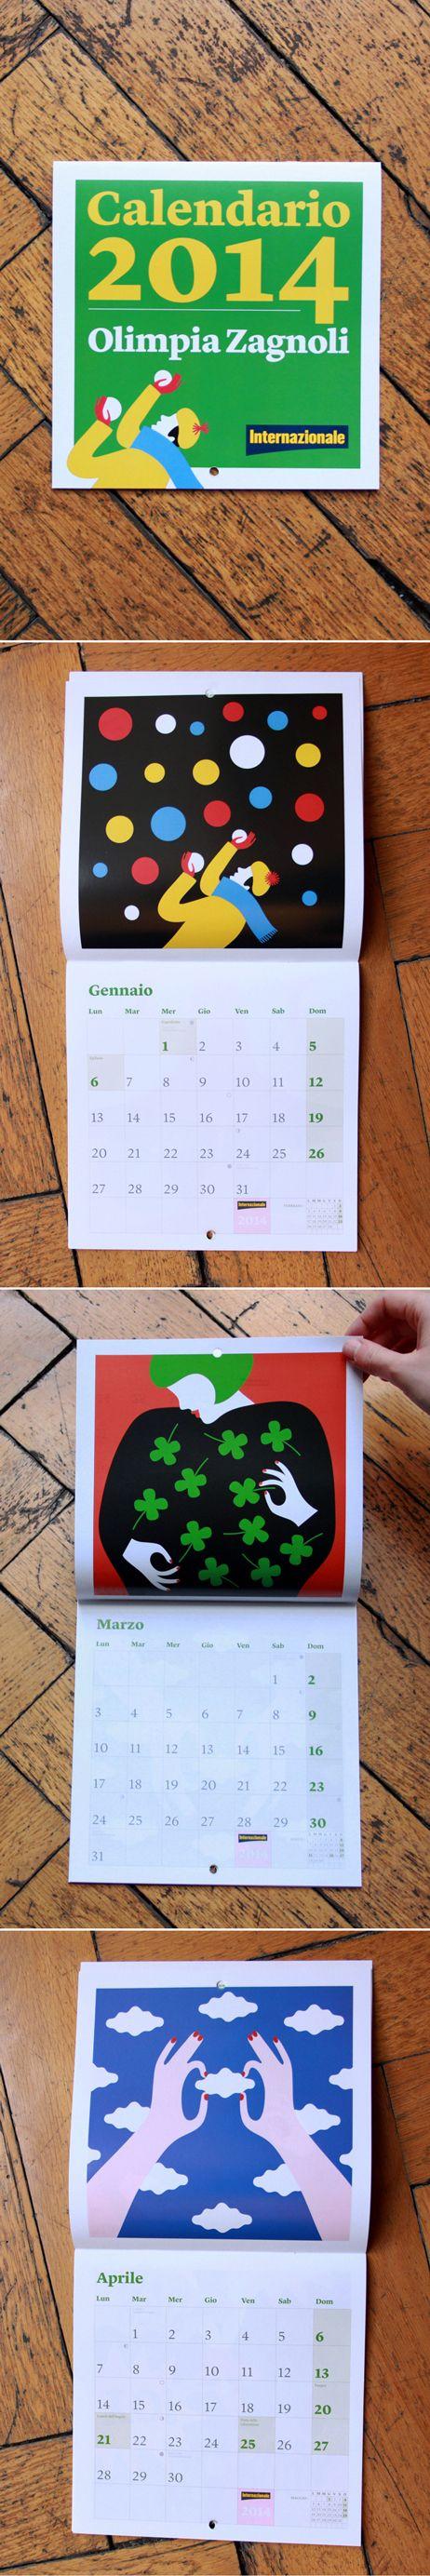 Internazionale » La stanza dei grafici » Un anno a colori #calendar #olimpiazagnoli #illustration